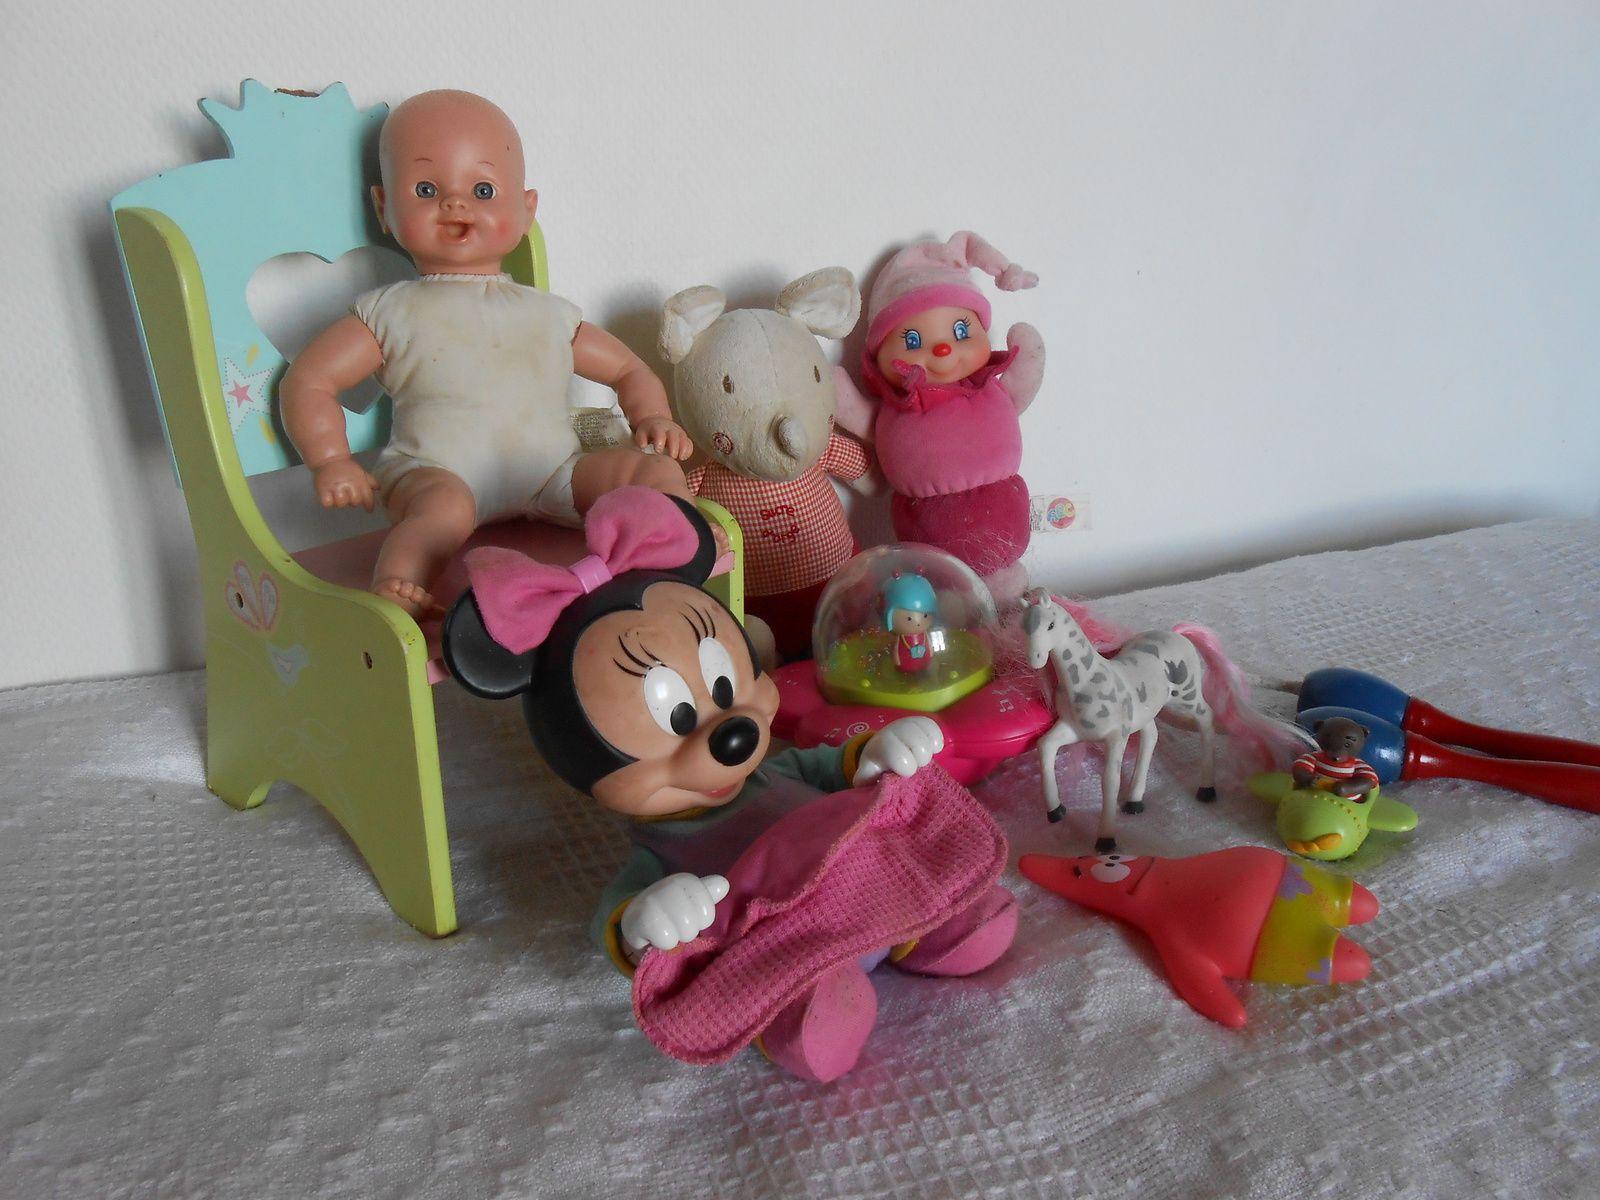 ...une chaise en bois, un culbuto minnie, une poupée, une luciole ajena, une corde à sauter,...